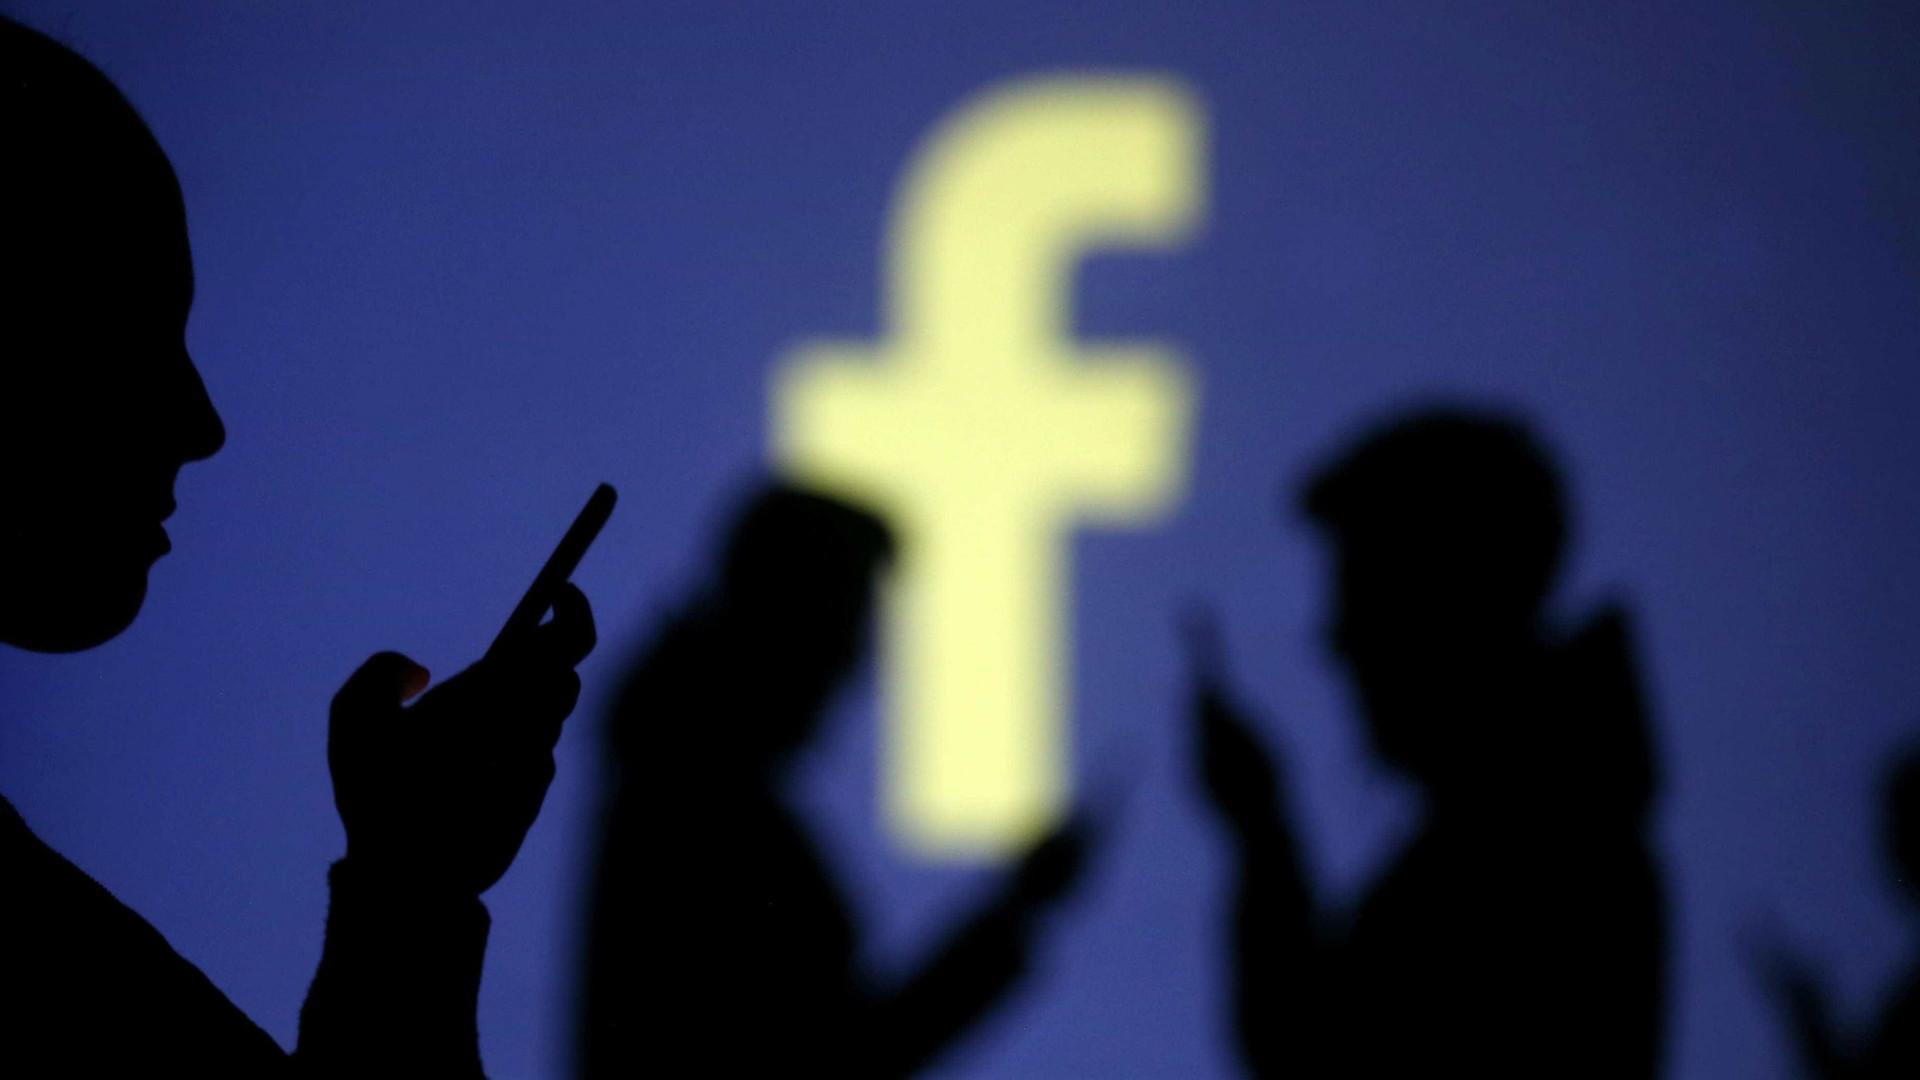 Lucro do Facebook aumenta 63% para 4.998 milhões de dólares